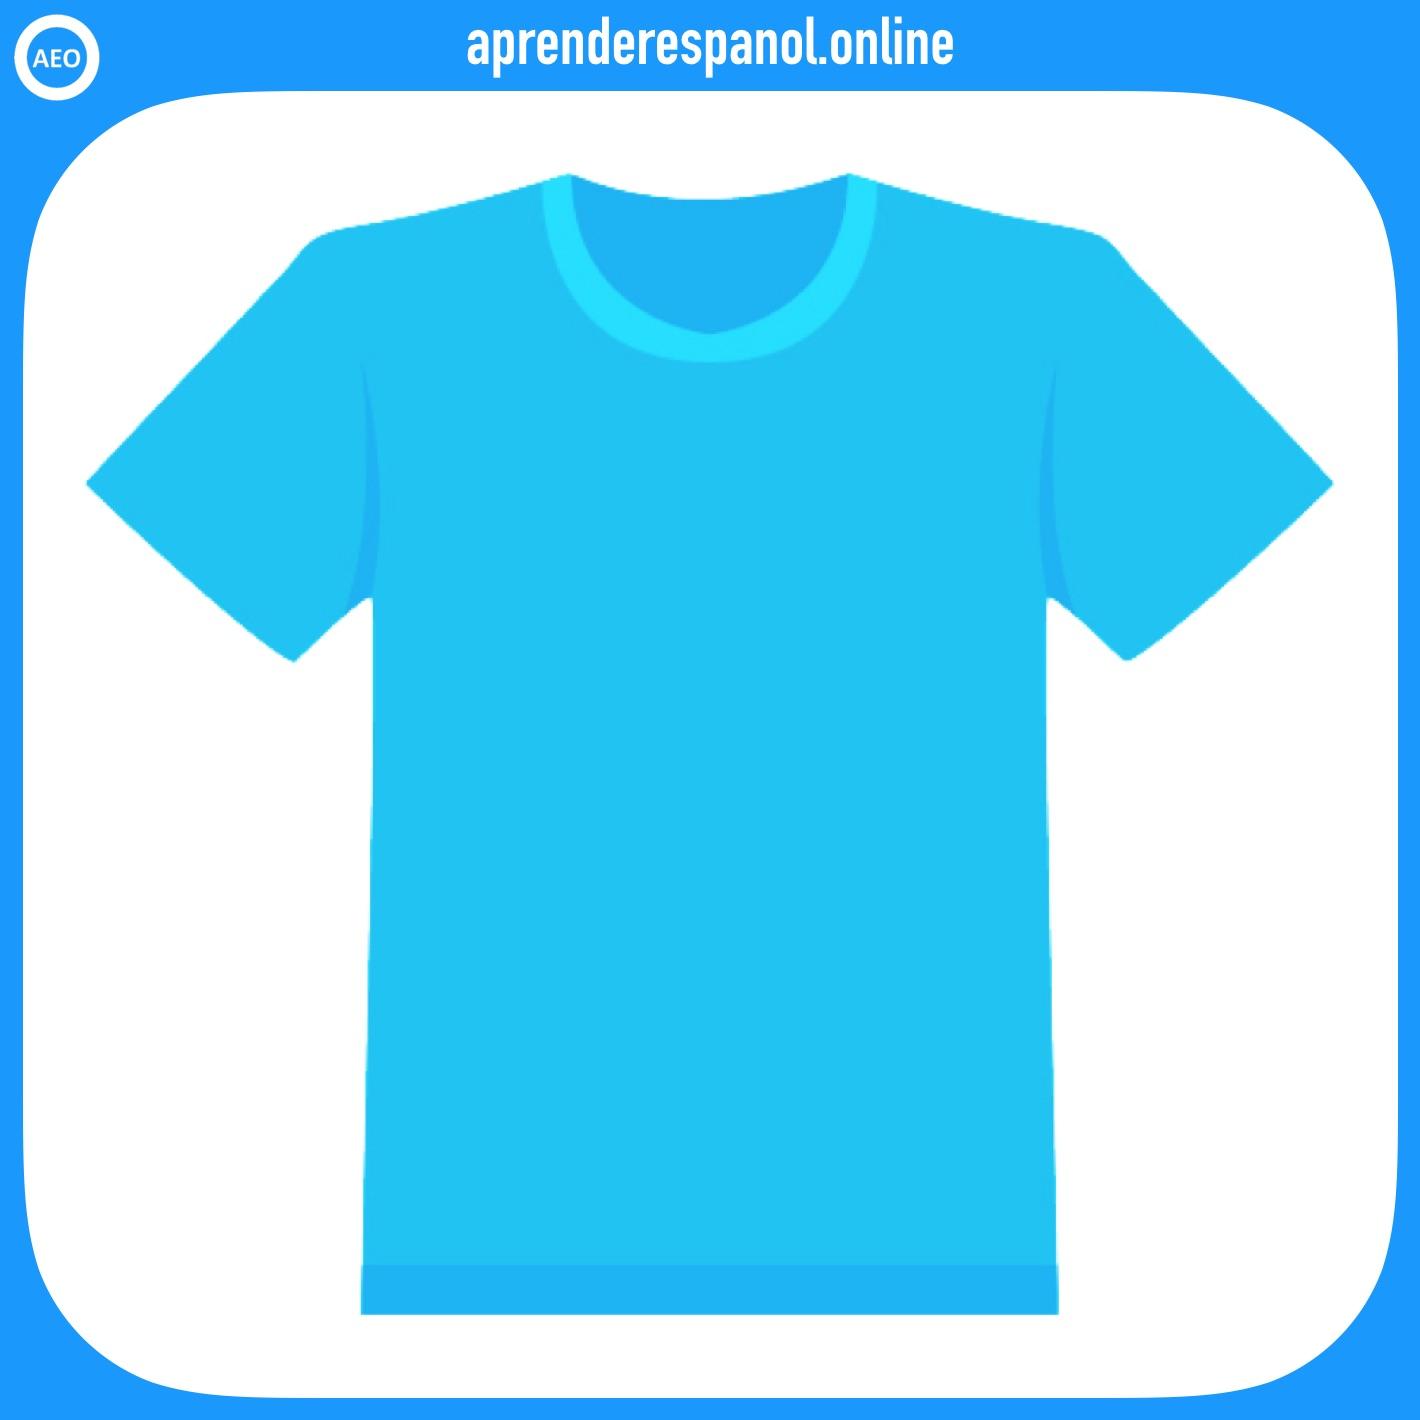 camiseta | ropa en español | vocabulario de la ropa en español